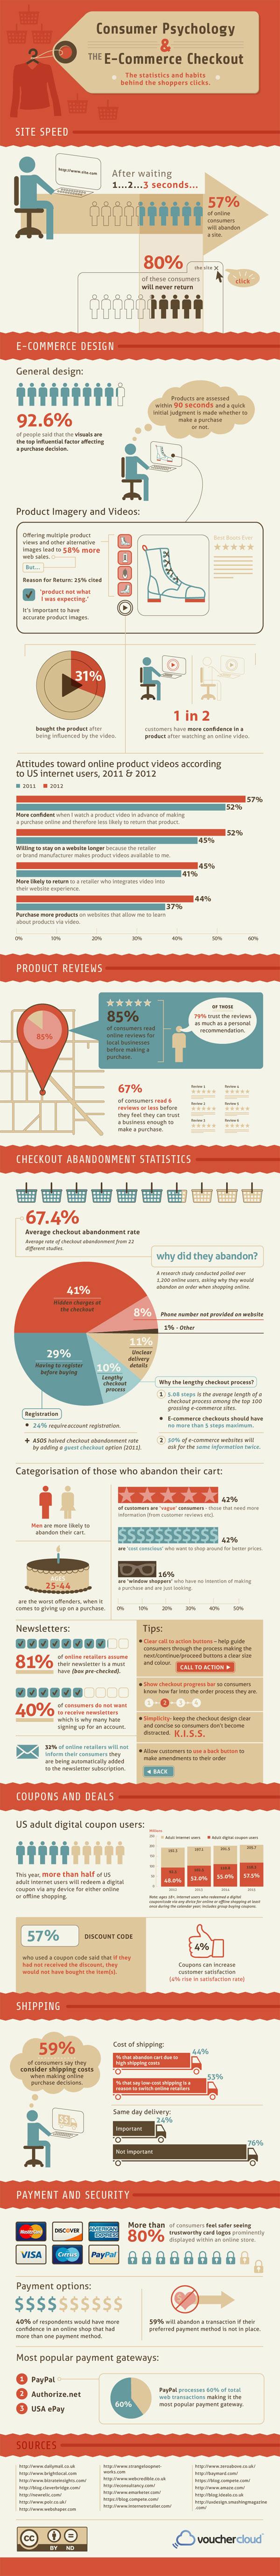 online-alışveriş-yapanların-psikolojisi Tüketiciler Bir Siteye Güvenmeden Önce 6 Yorum Okuyor [İnfografik] Tüketiciler Bir Siteye Güvenmeden Önce 6 Yorum Okuyor İnfografik online al    veri   yapanlar  n psikolojisi